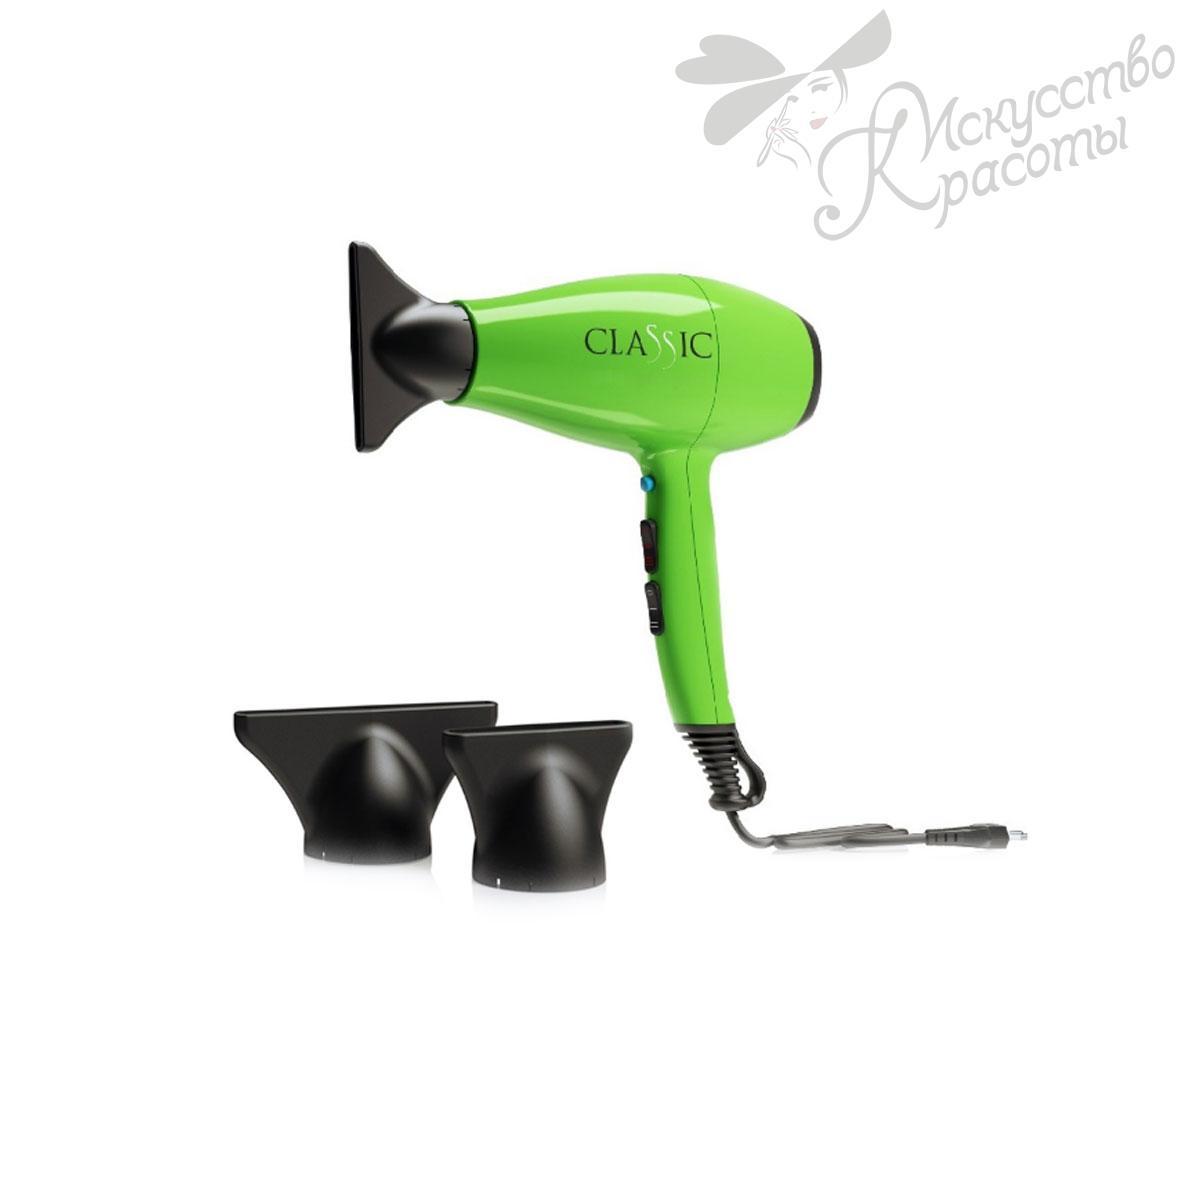 Фен для волос зеленный Gama CLASSIC 2200 Вт